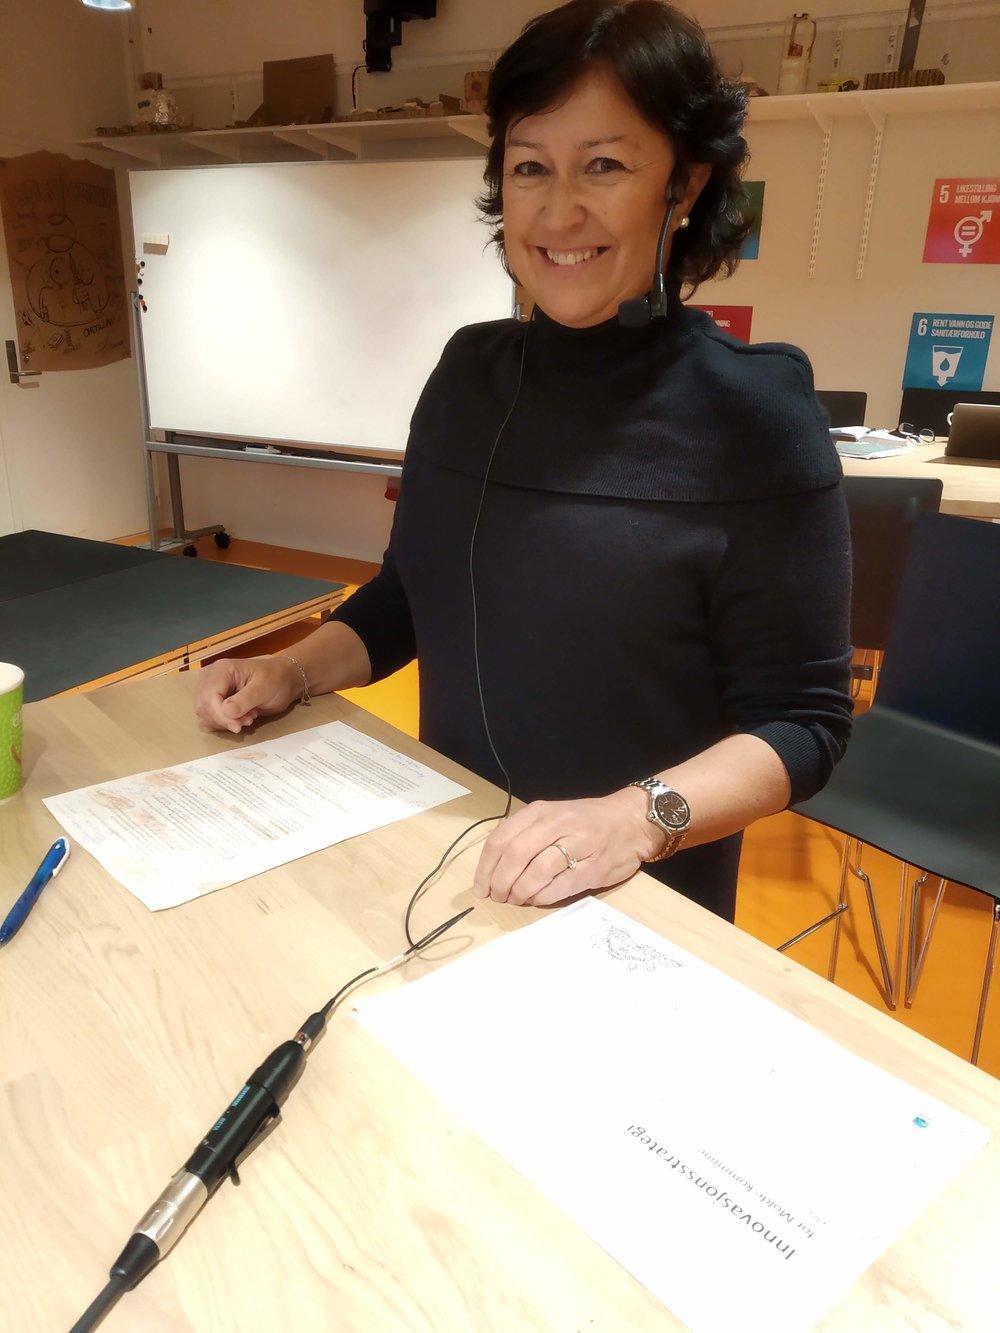 Innovasjonsstyring i offentlig sektor: Mette Holand, personal- og organisasjonssjef i Molde kommune, fortalte om hvordan kommuner kan være nyskapende og ikke bare ha fokus på drift og opprettholde eksisterende systemer.